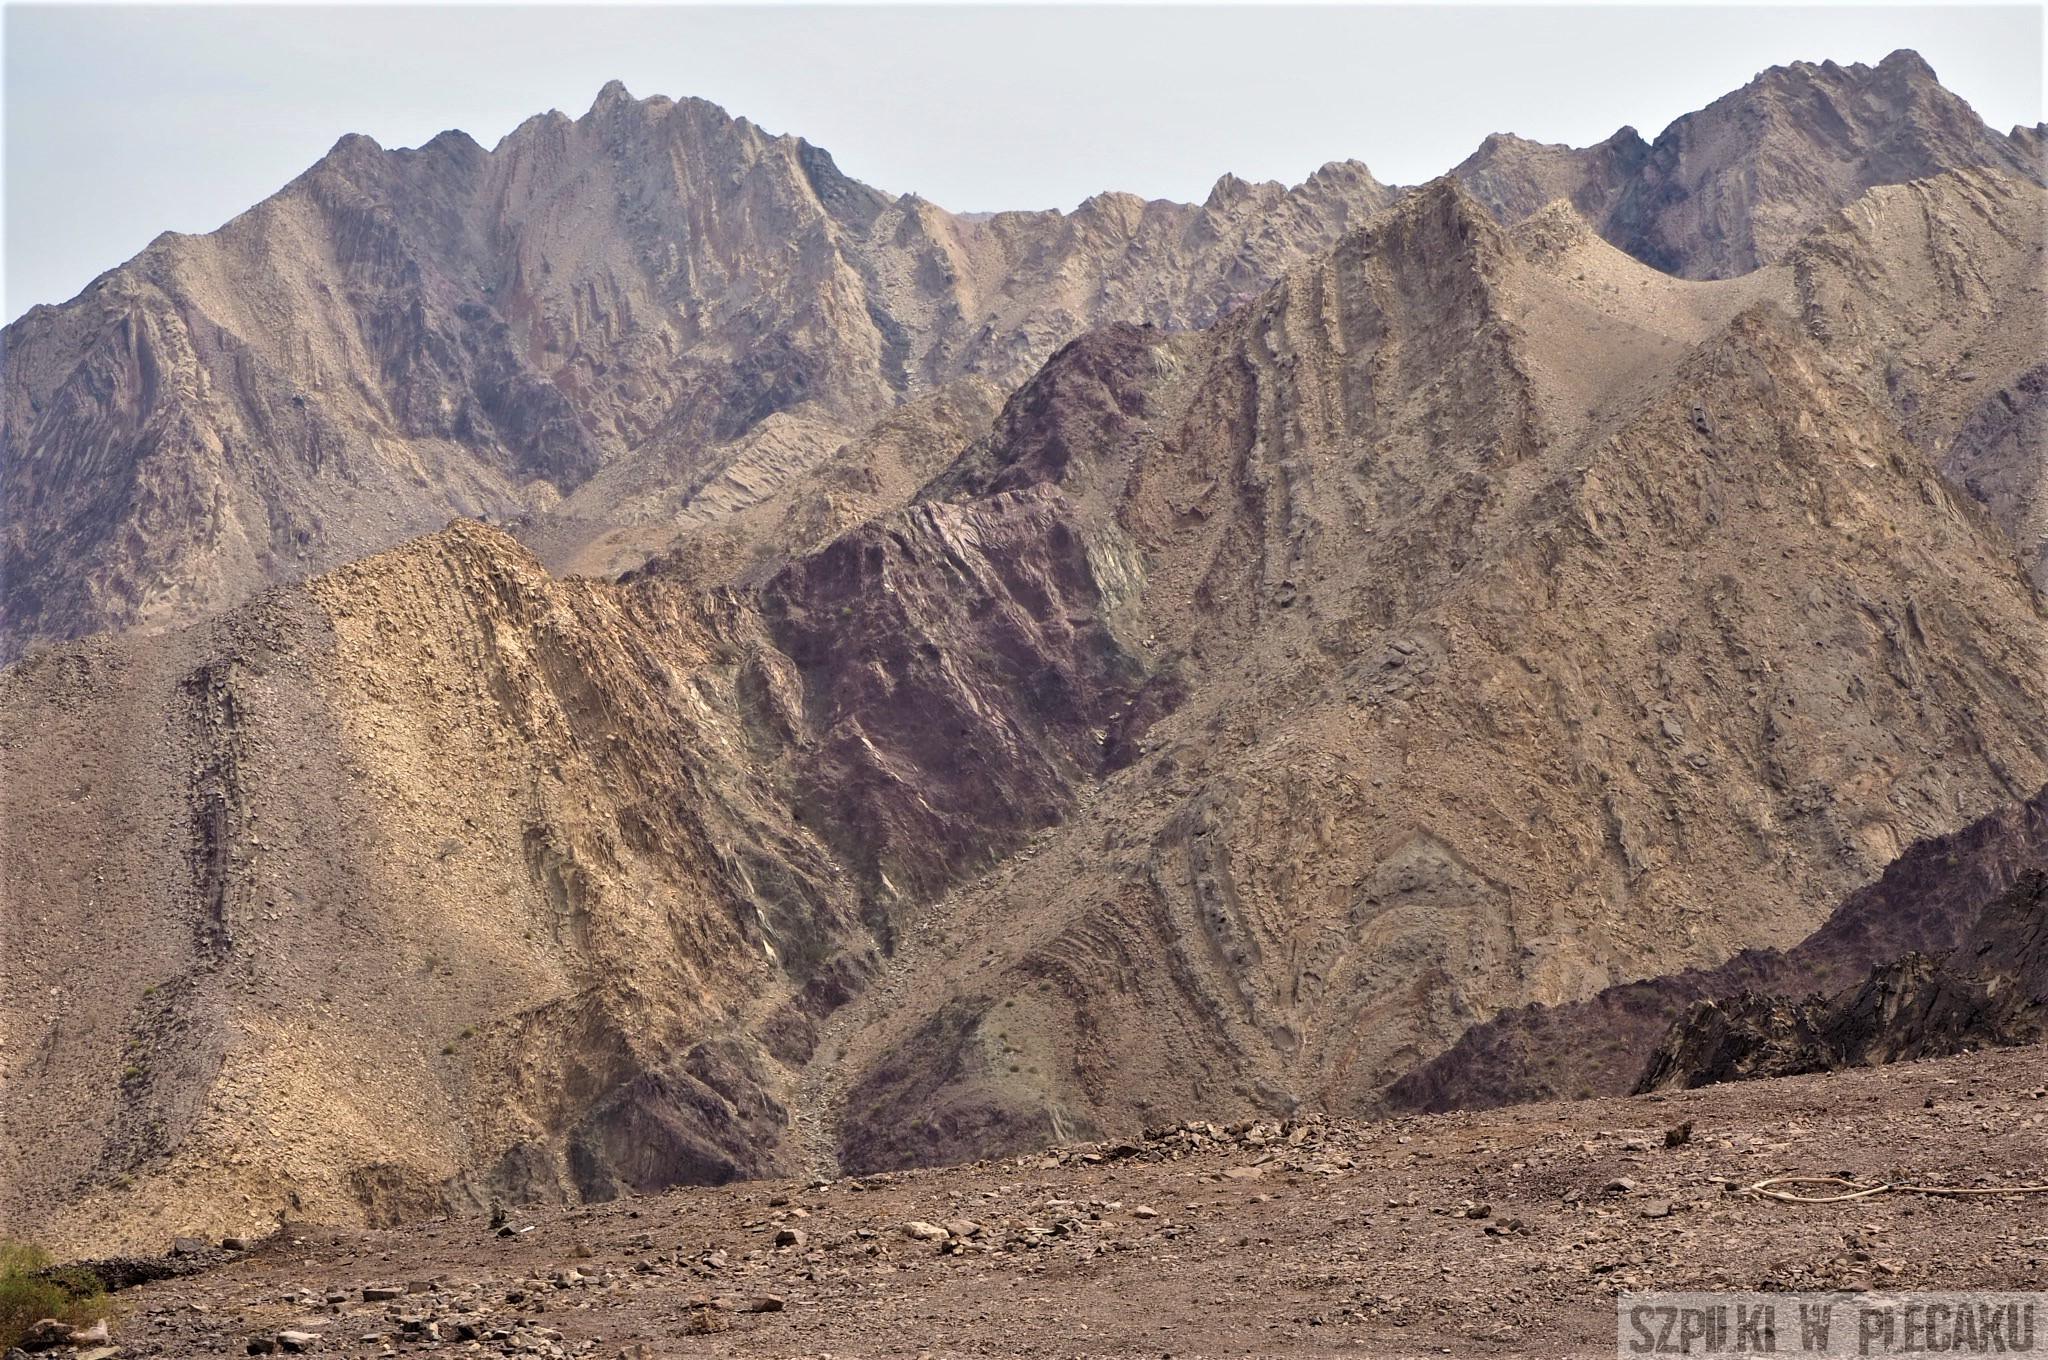 góry Hatta - Dubaj inaczej z przygodą i adrenaliną - Szpilki w plecaku